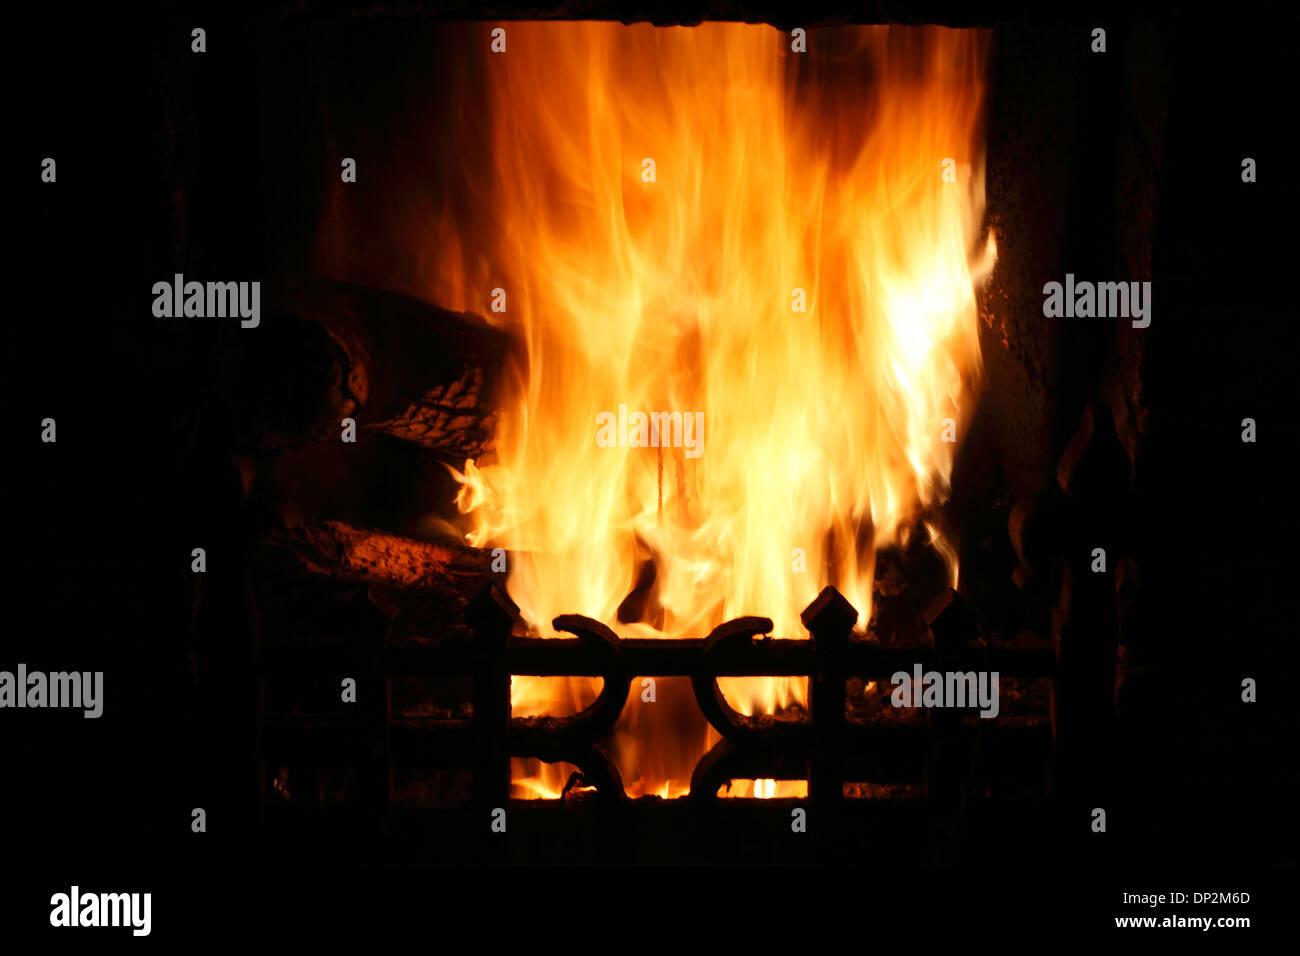 Feuer im heimischen Herdes Hitze Flamme Flammen Heizung Kamin Wärme Feuer Kamin brennen Holz Kohle Hauptfeuer Stockbild